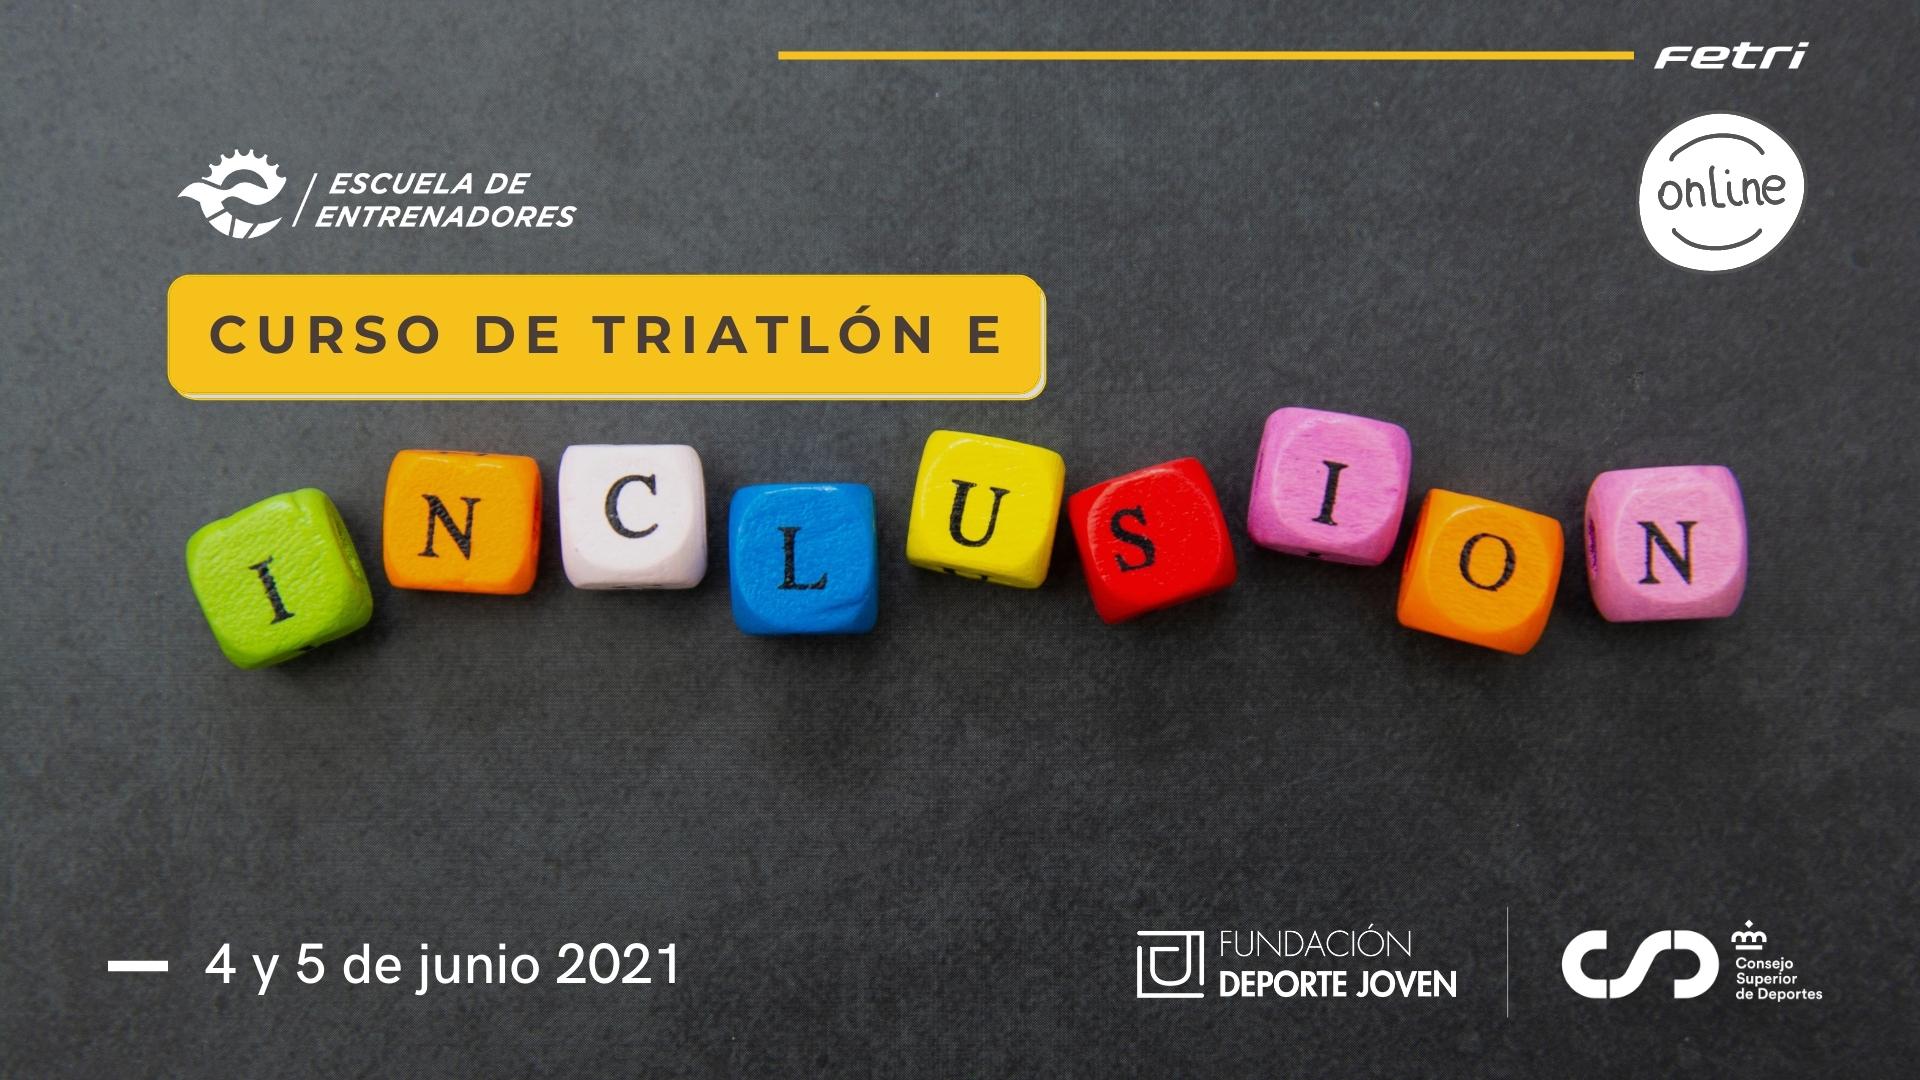 Presentación y apertura de inscripciones para el Curso de Triatlón e Inclusión de la Escuela Nacional de Entrenadores